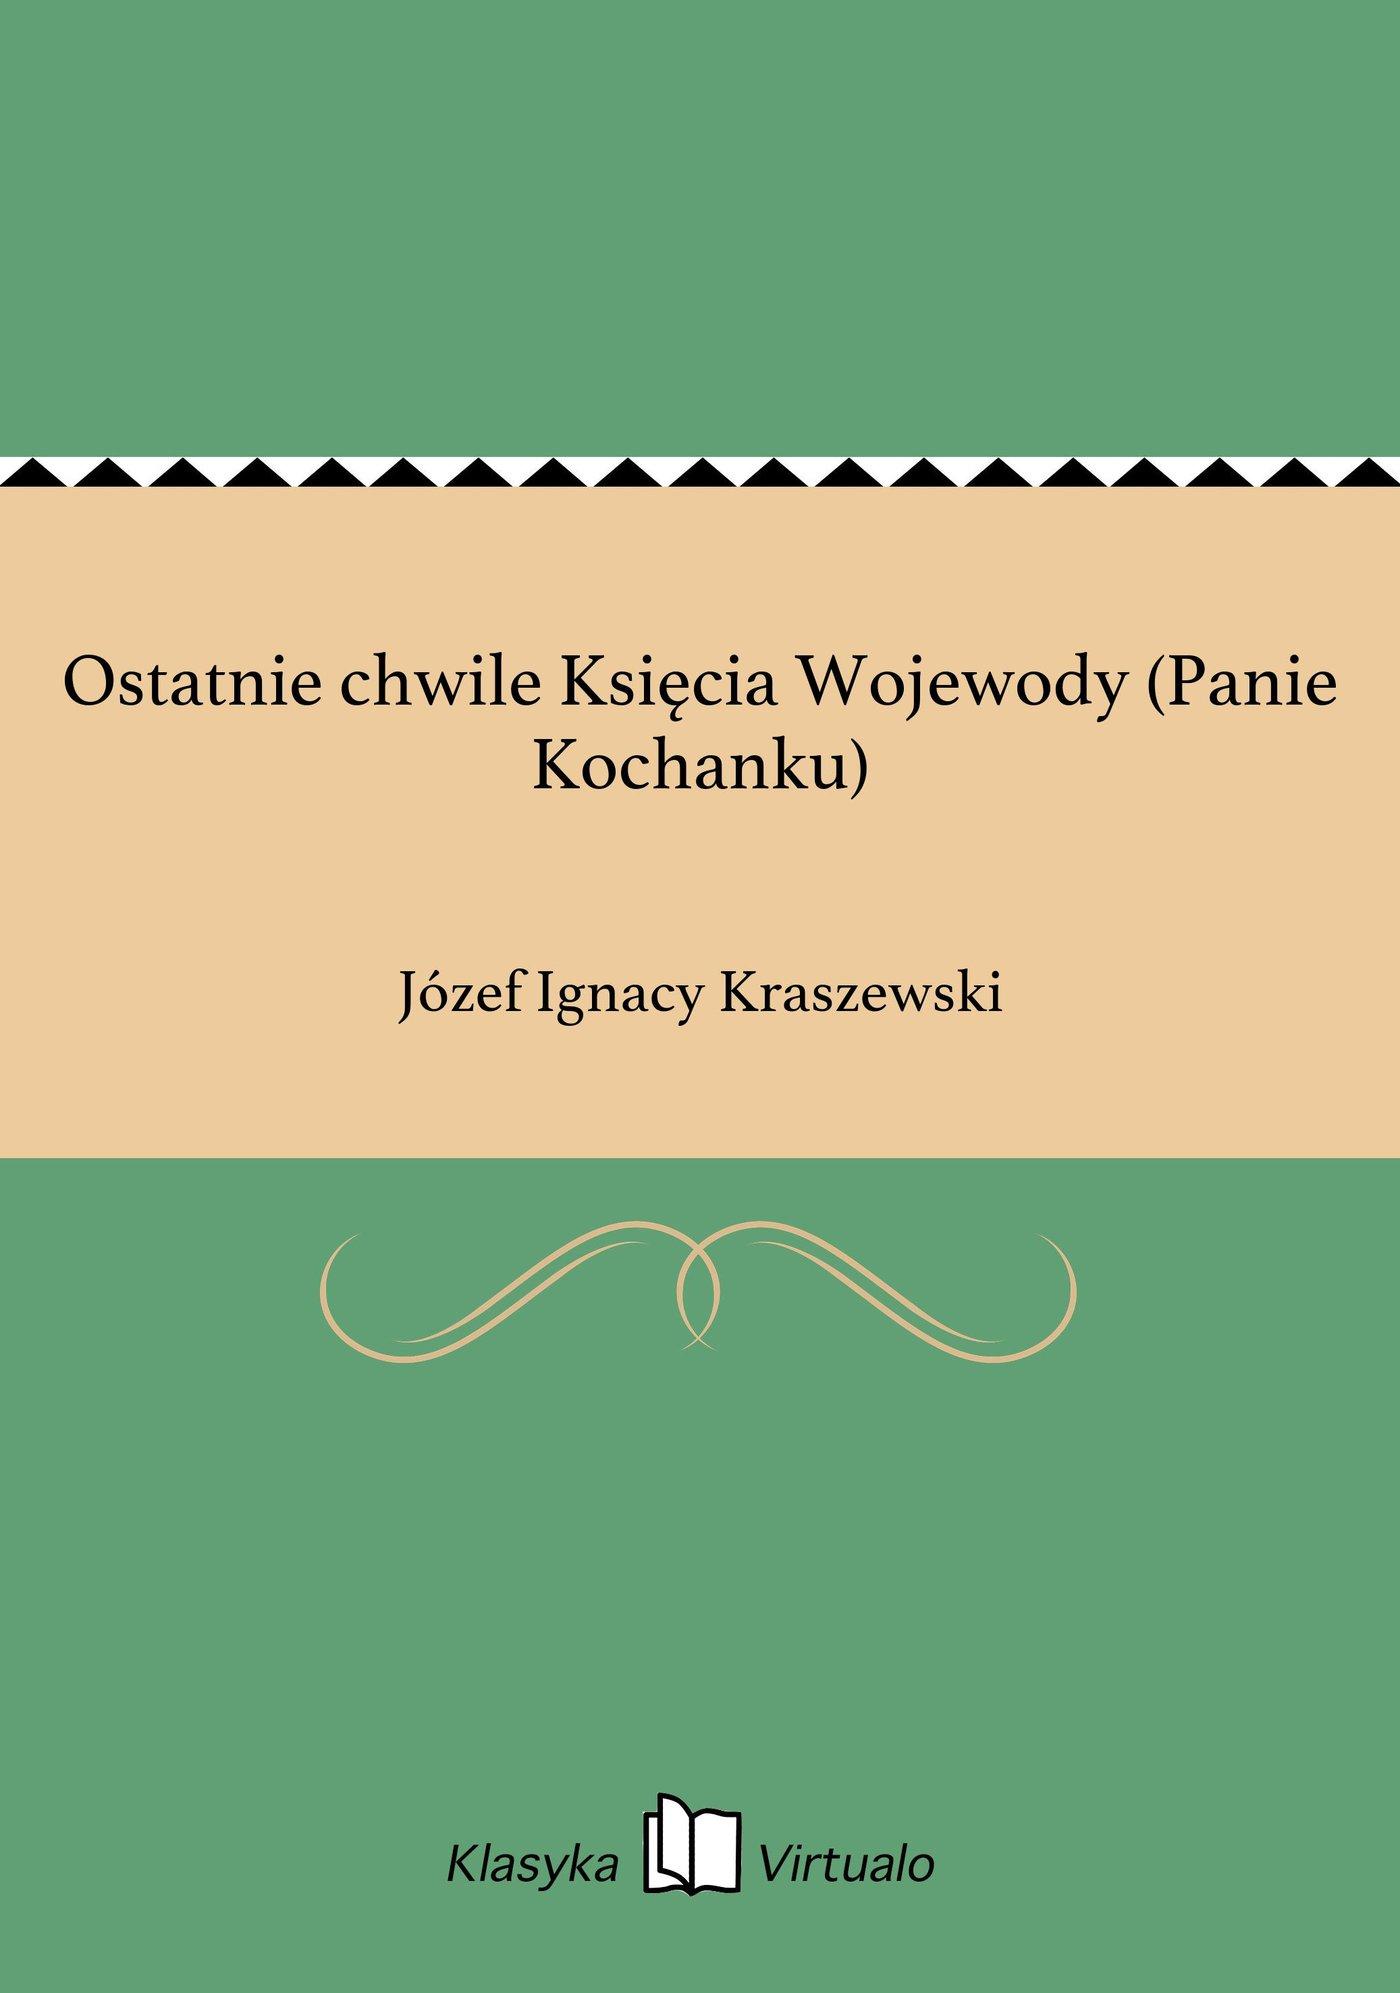 Ostatnie chwile Księcia Wojewody (Panie Kochanku) - Ebook (Książka EPUB) do pobrania w formacie EPUB